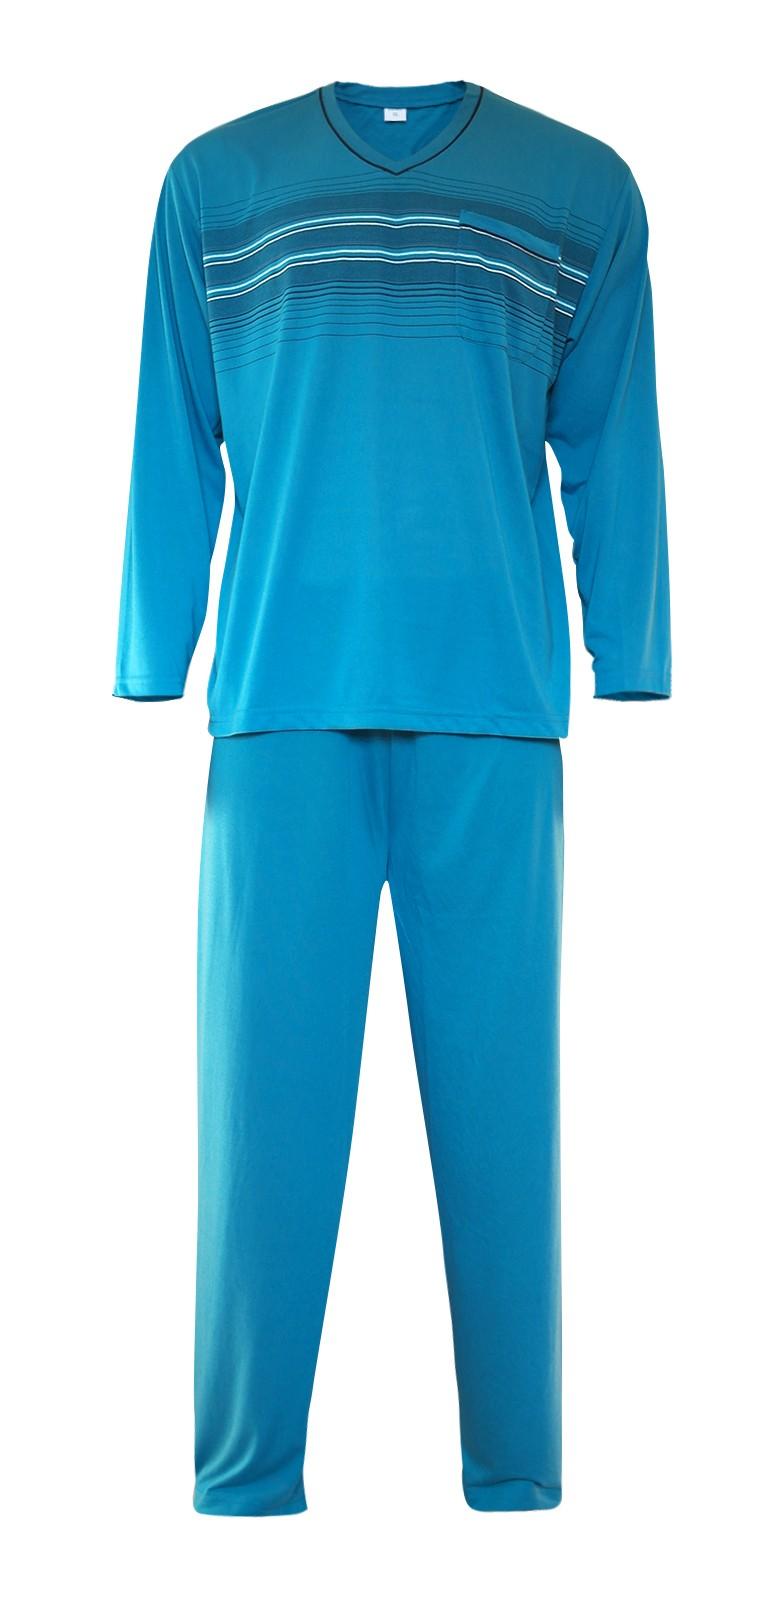 Herren Pyjama Schlafanzug lang 100% Baumwolle V-Neck the new Pajamas Trend